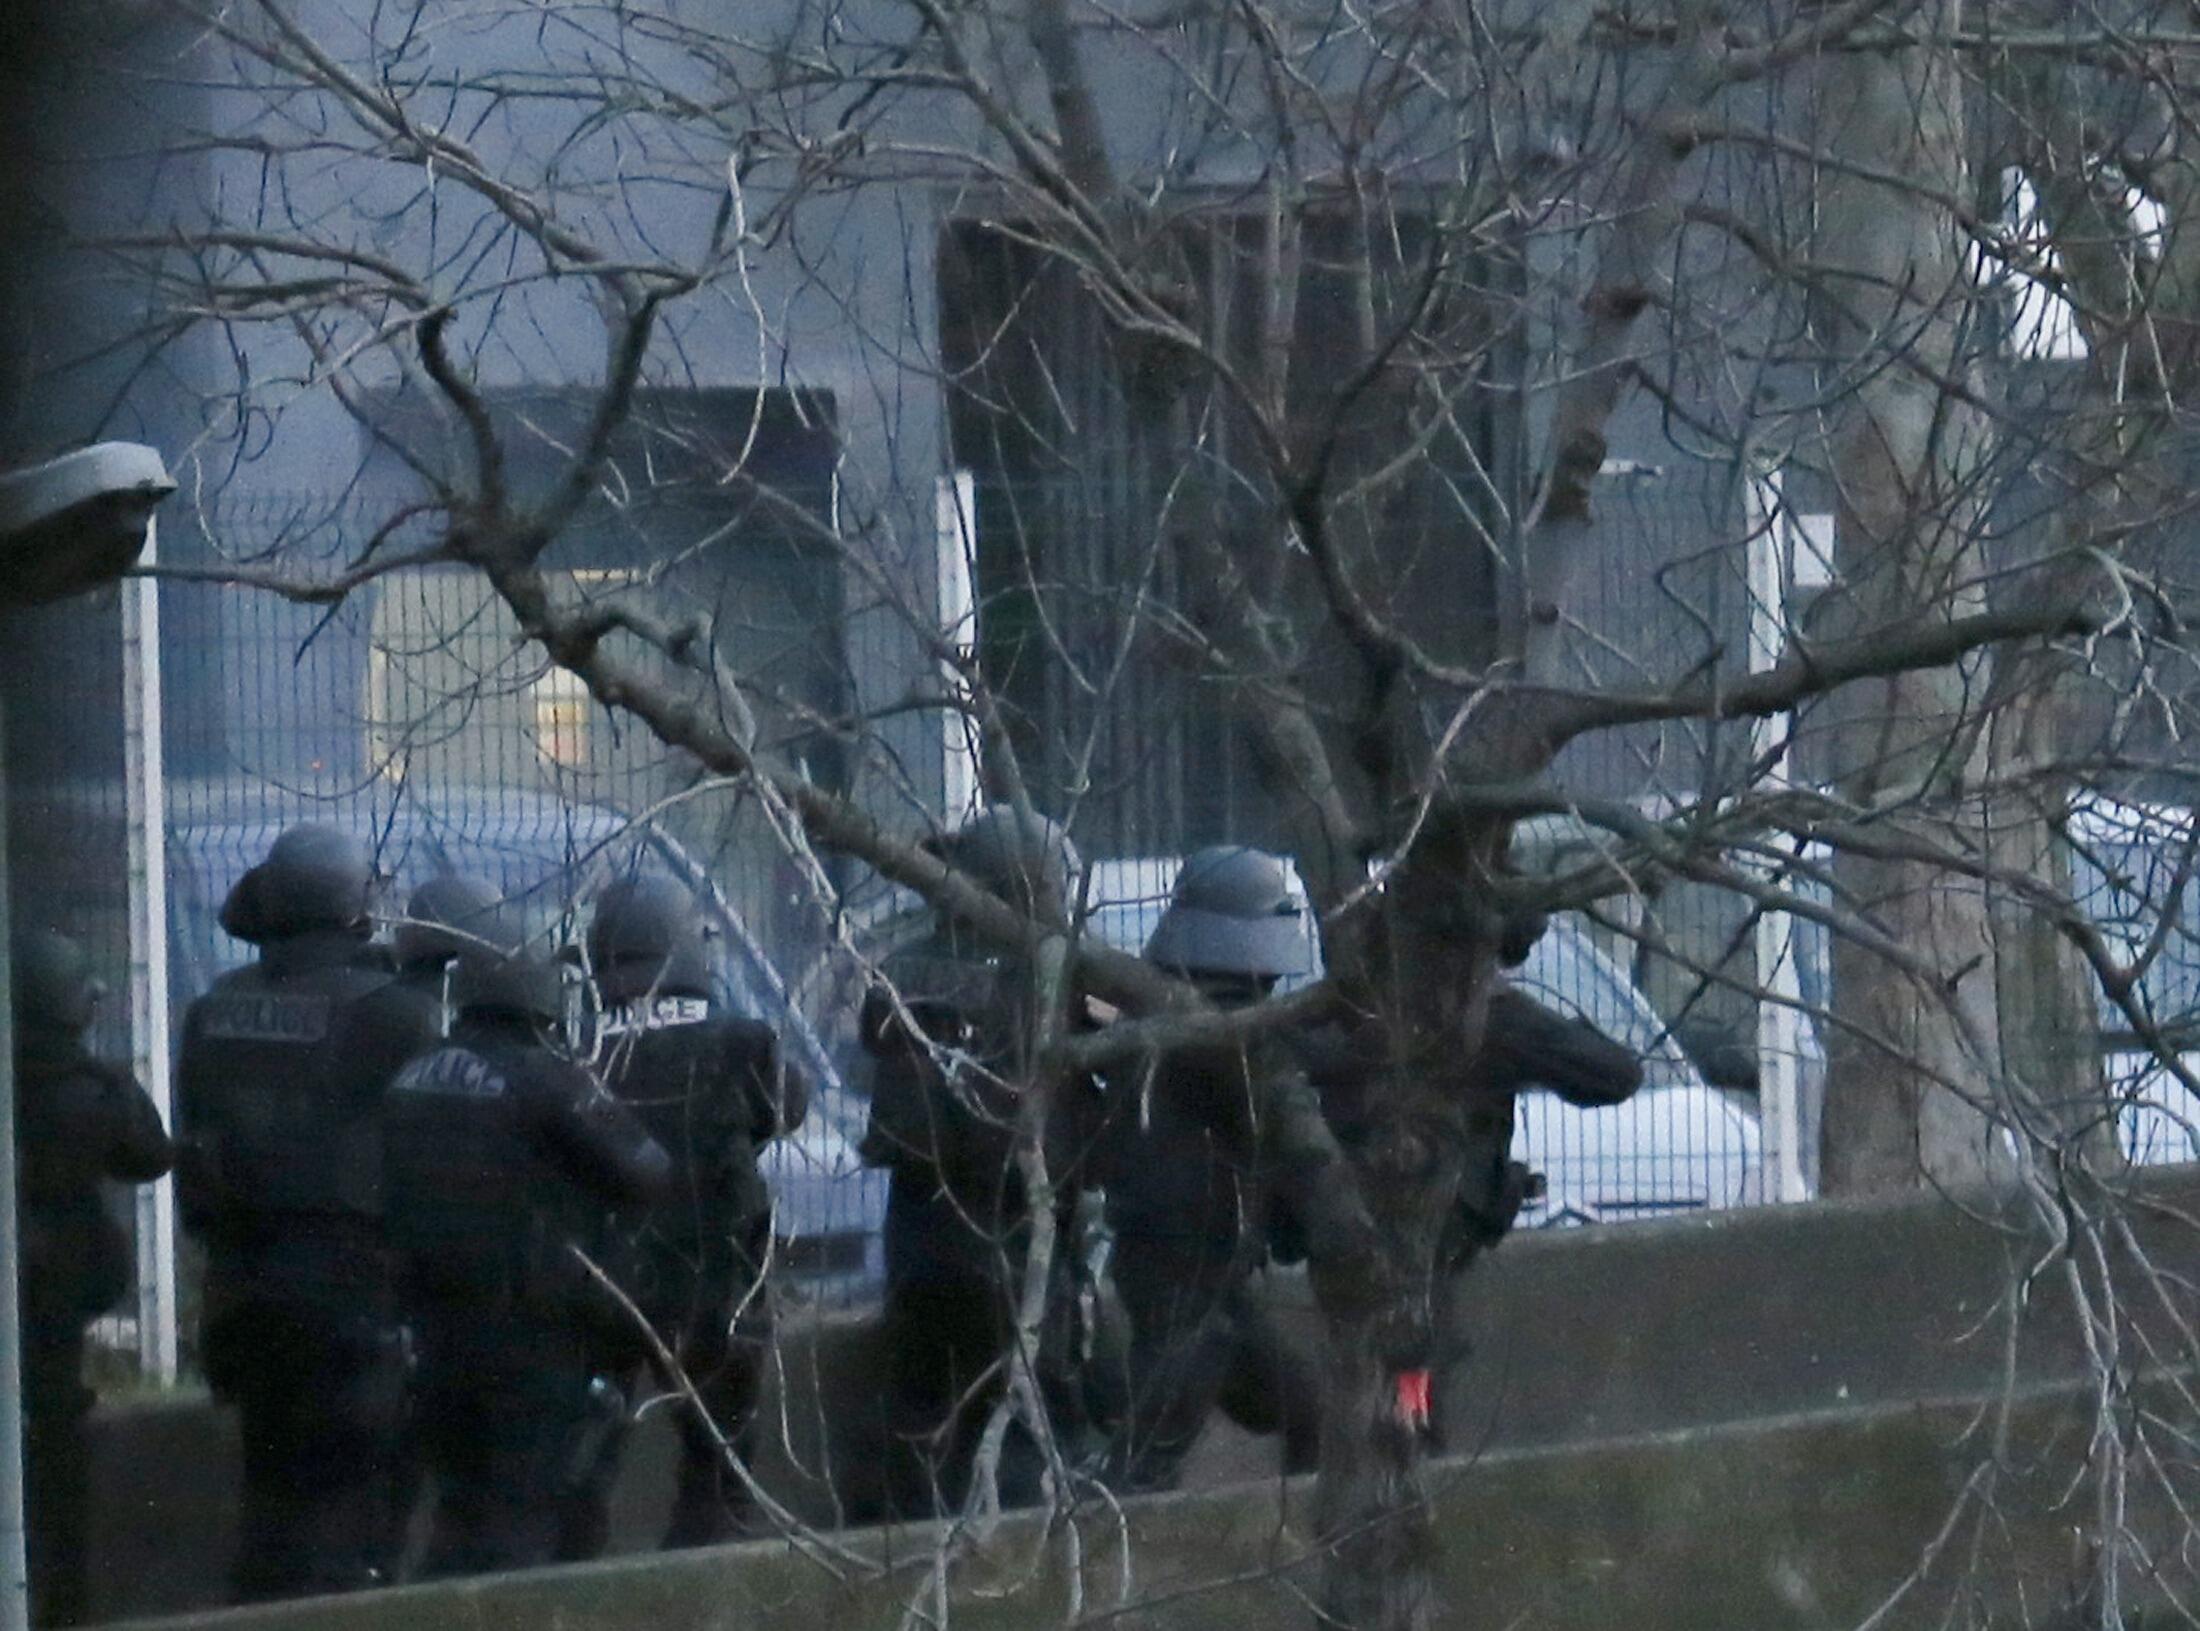 Lực lượng đặc nhiệm Pháp tấn công vào siêu thị Do Thái gần Porte de Vincennes Paris, nơi nhiều người bị bắt làm con tin, 09/01/2015.